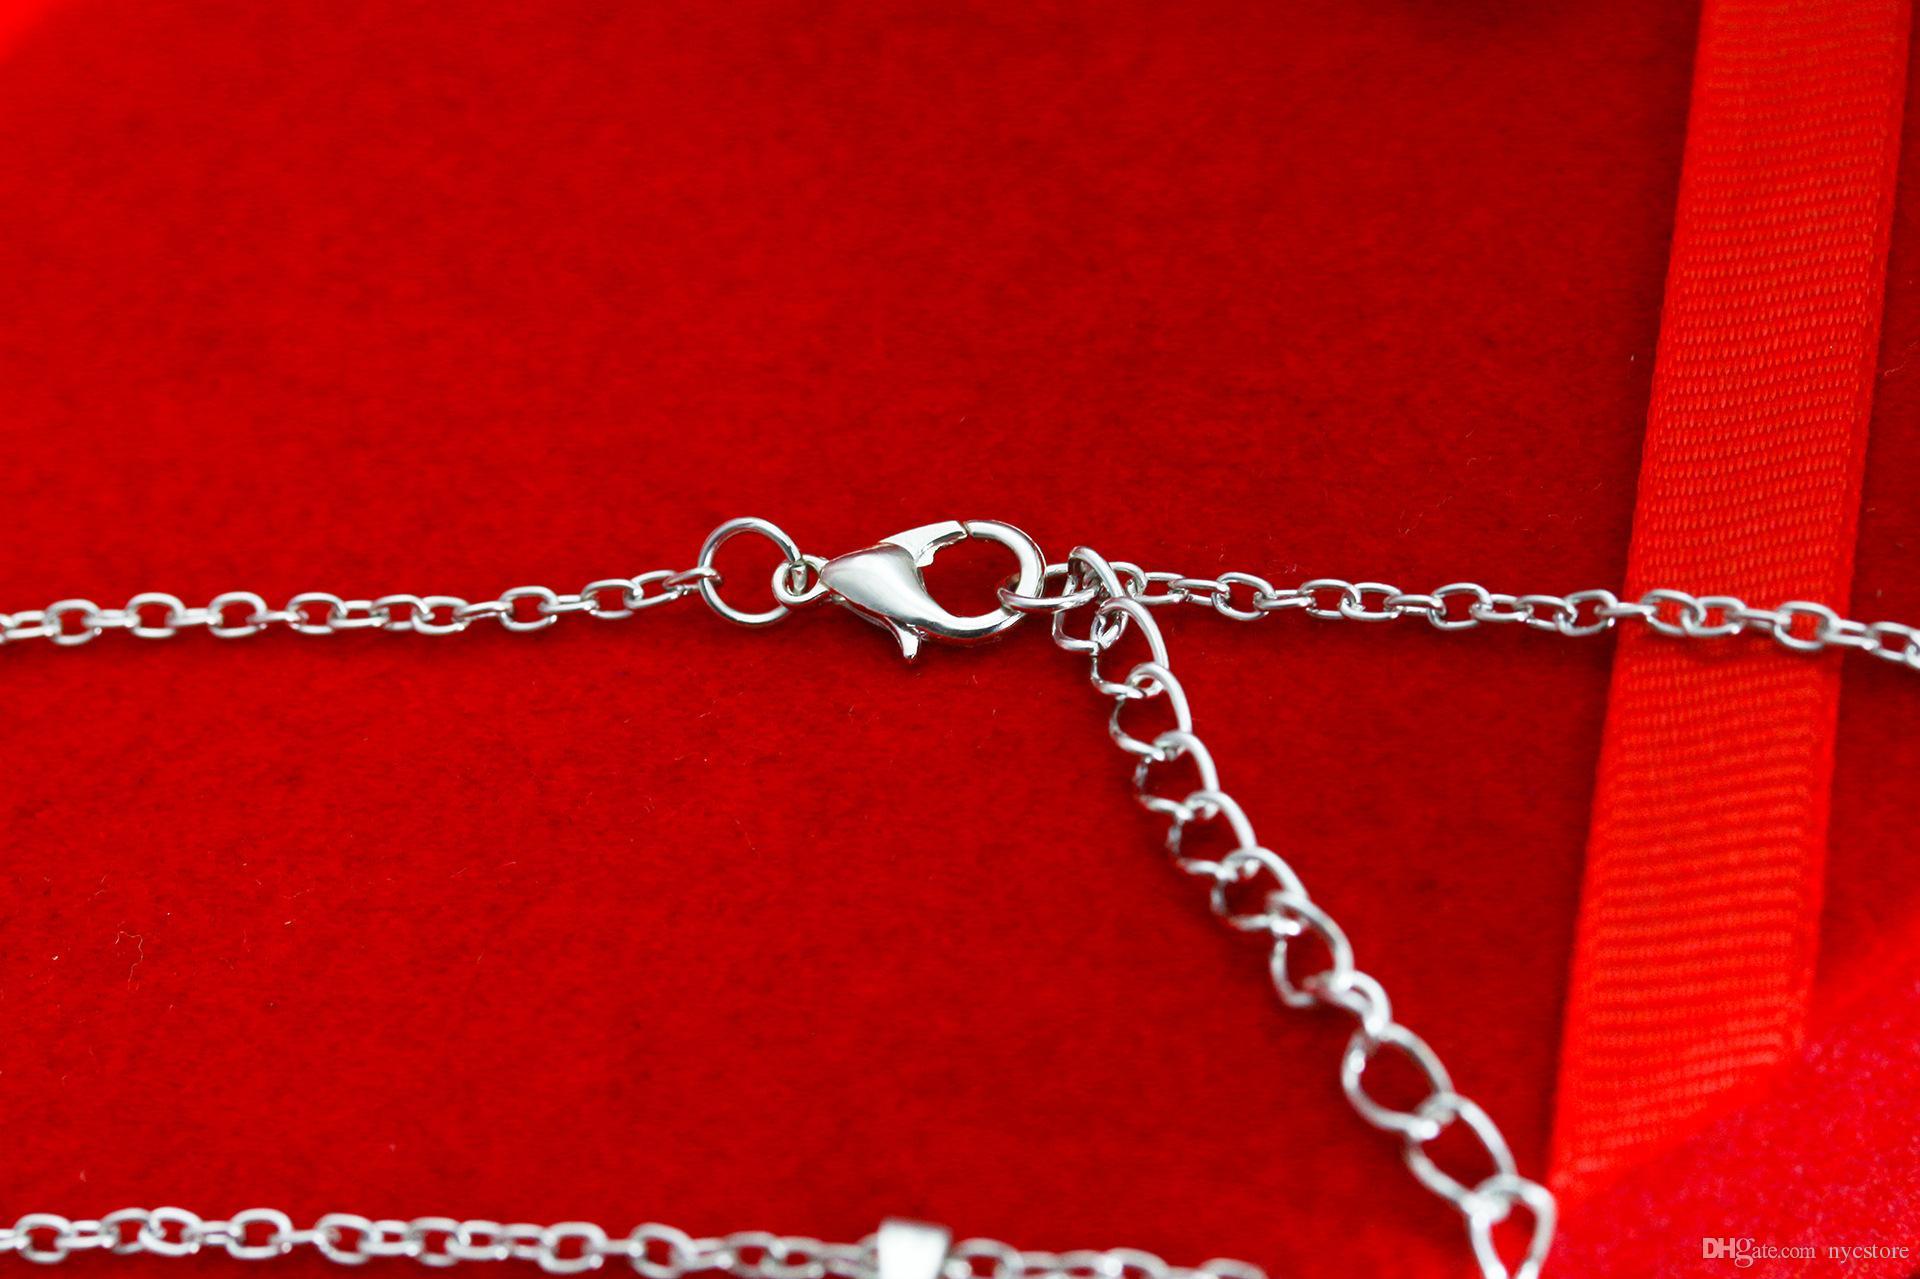 Liga de metal Bonito animal cat paw pés colar de ouro prata cão garra patas em forma de pingente de colar de jóias da menina das mulheres da moda